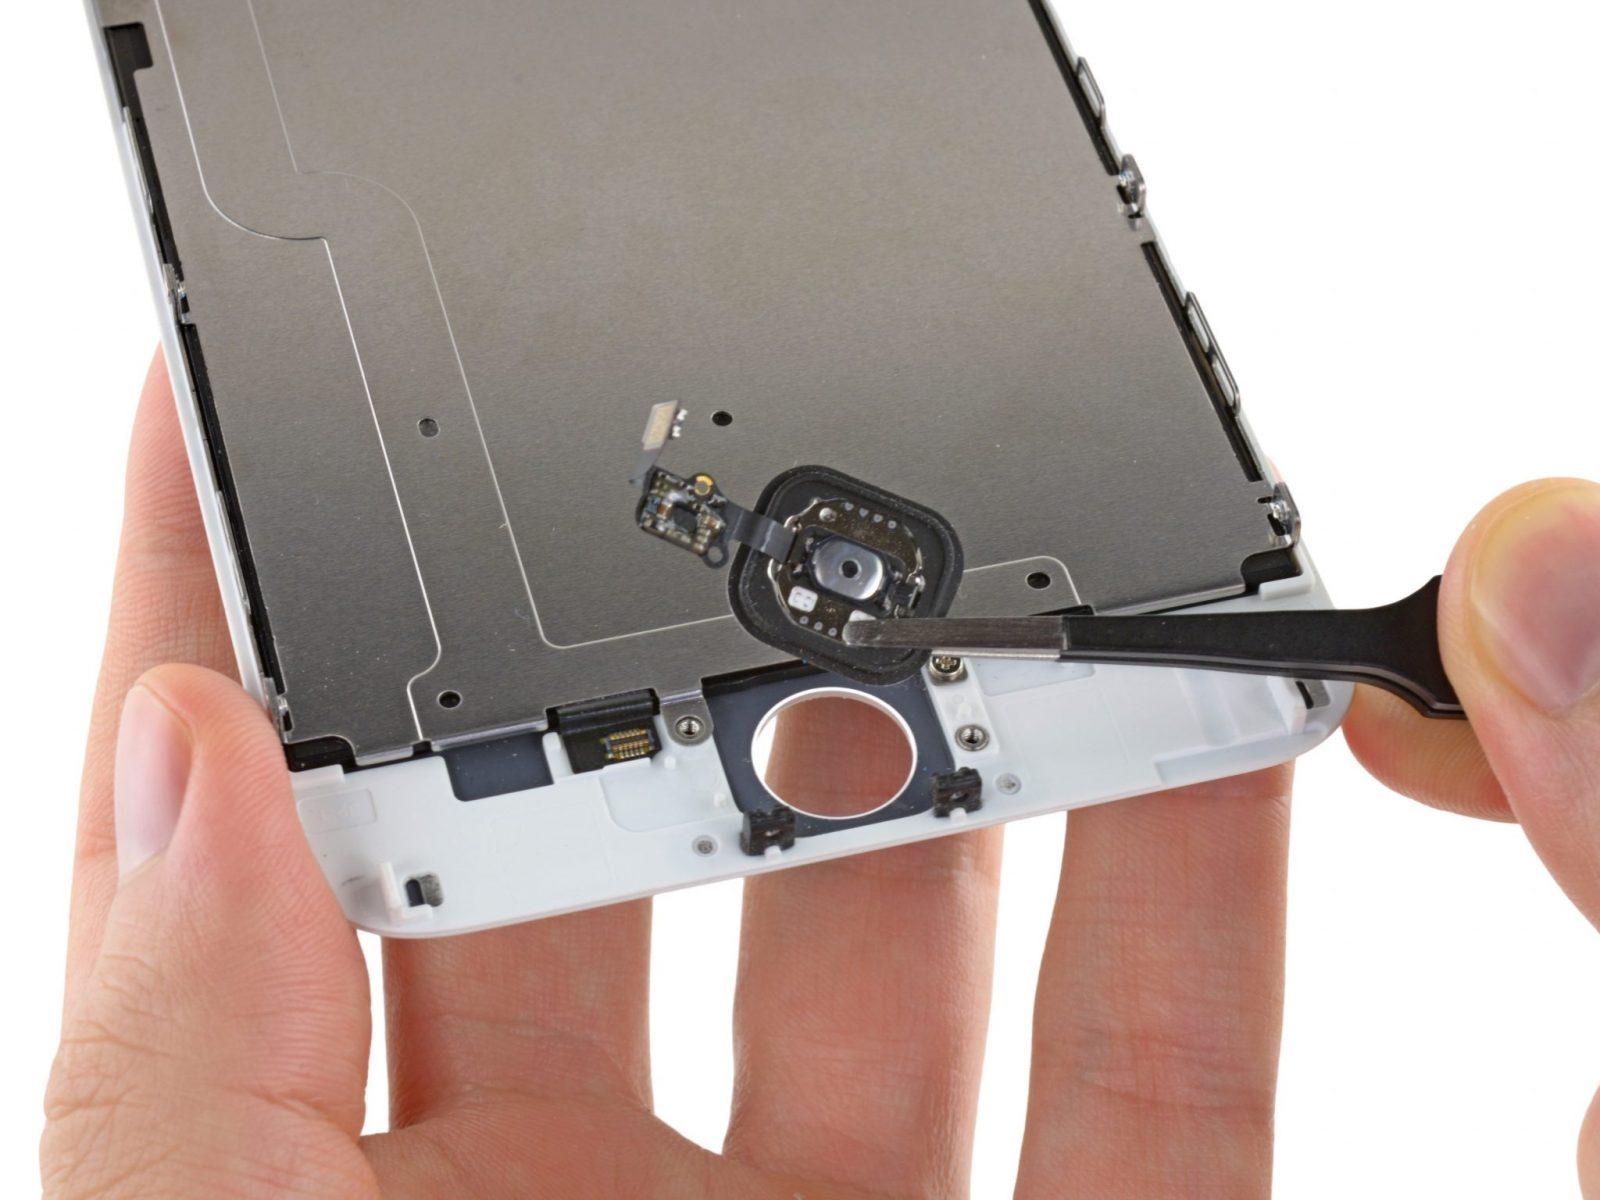 ERROR 53 czyli bujda o tym, jak APPLE celowo zabija iPhone i iPad